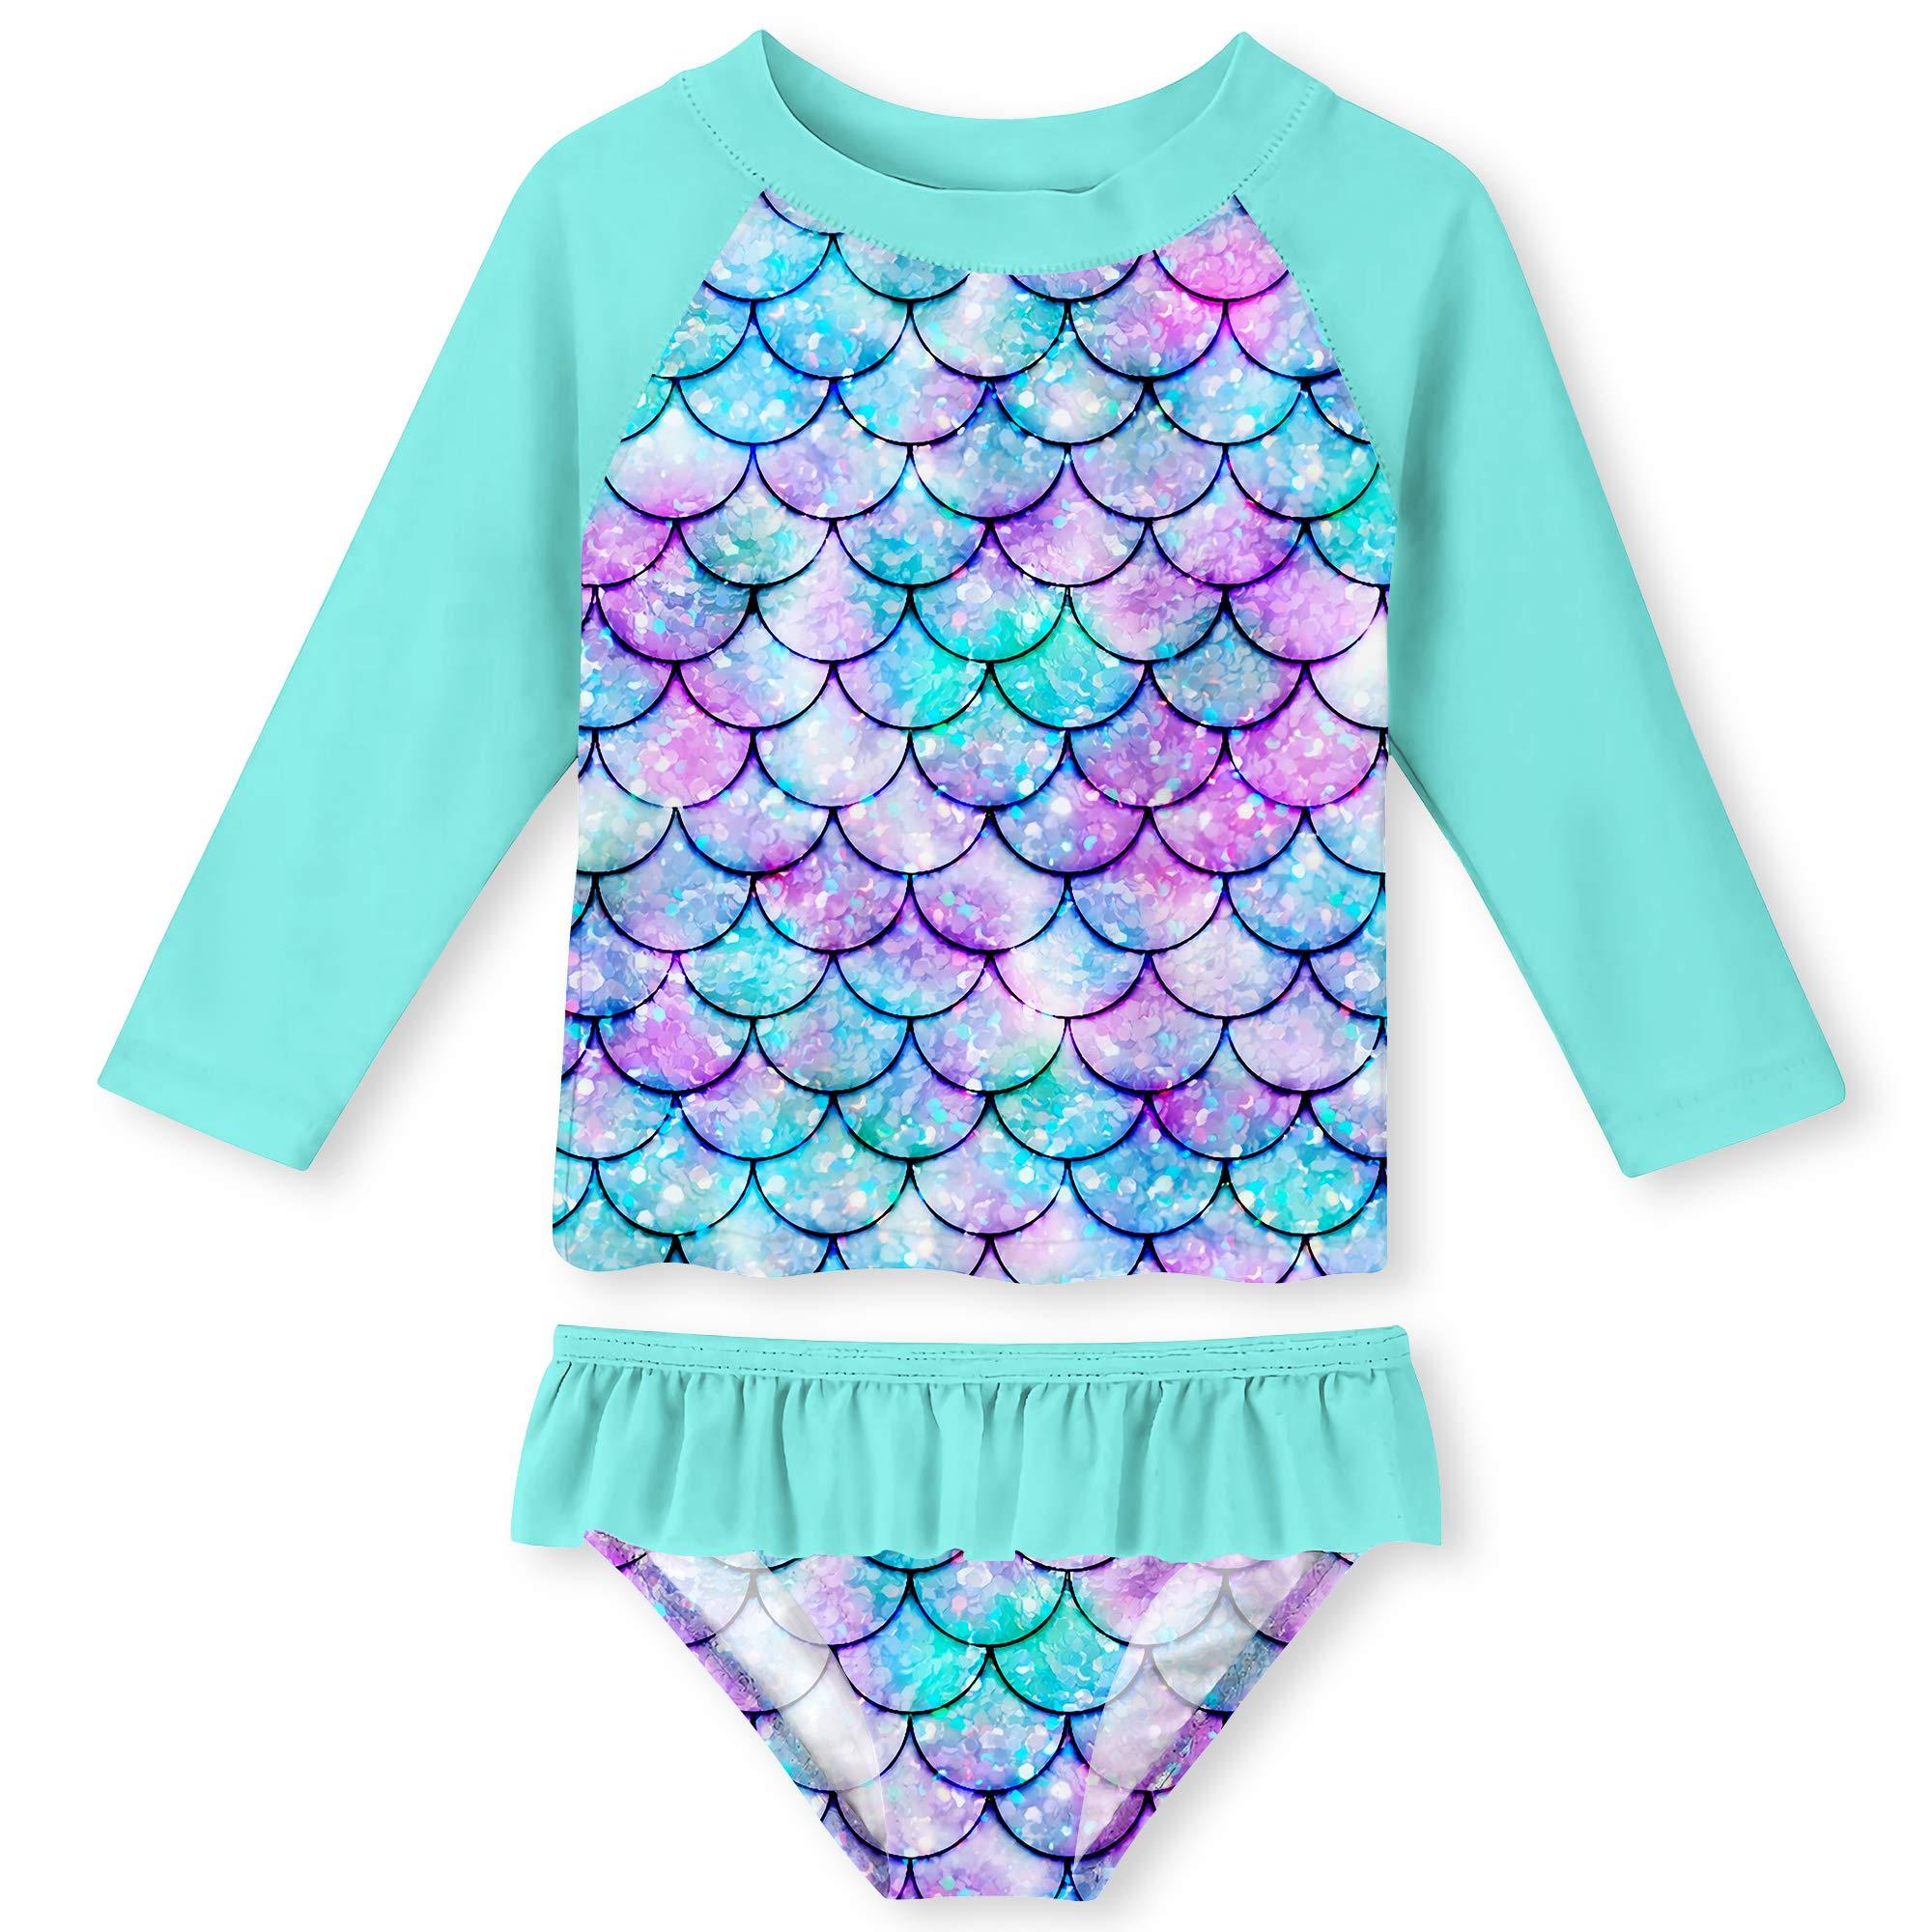 UNIFACO Toddler Girls Tankini 3D Fish Scale Stylish Bathing Suit Swimsuit Long Sleeve Shirt and Bikini Bottom by UNIFACO